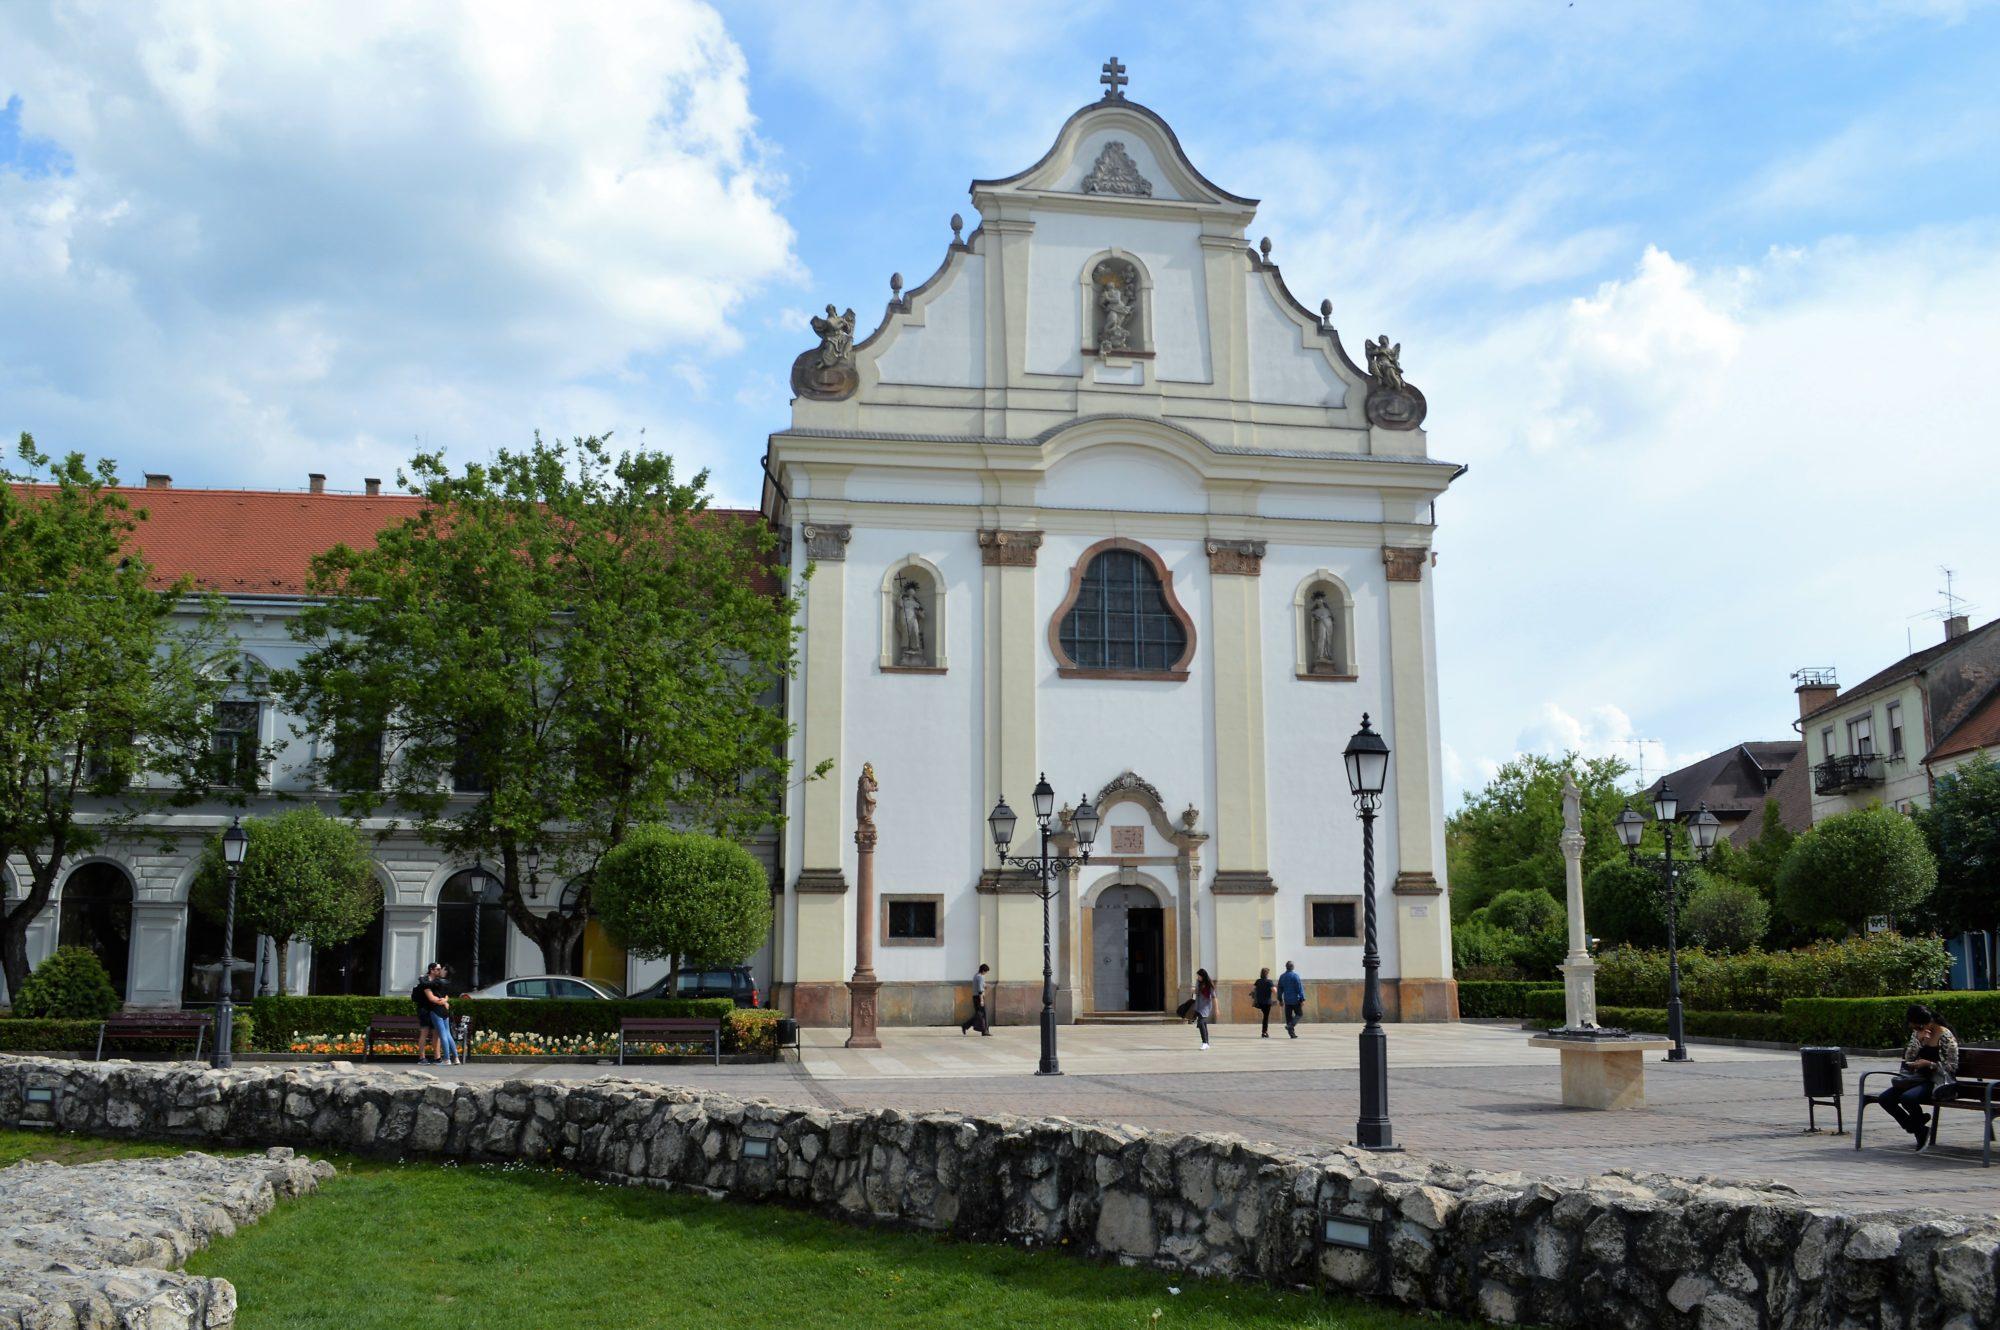 vac-white-church